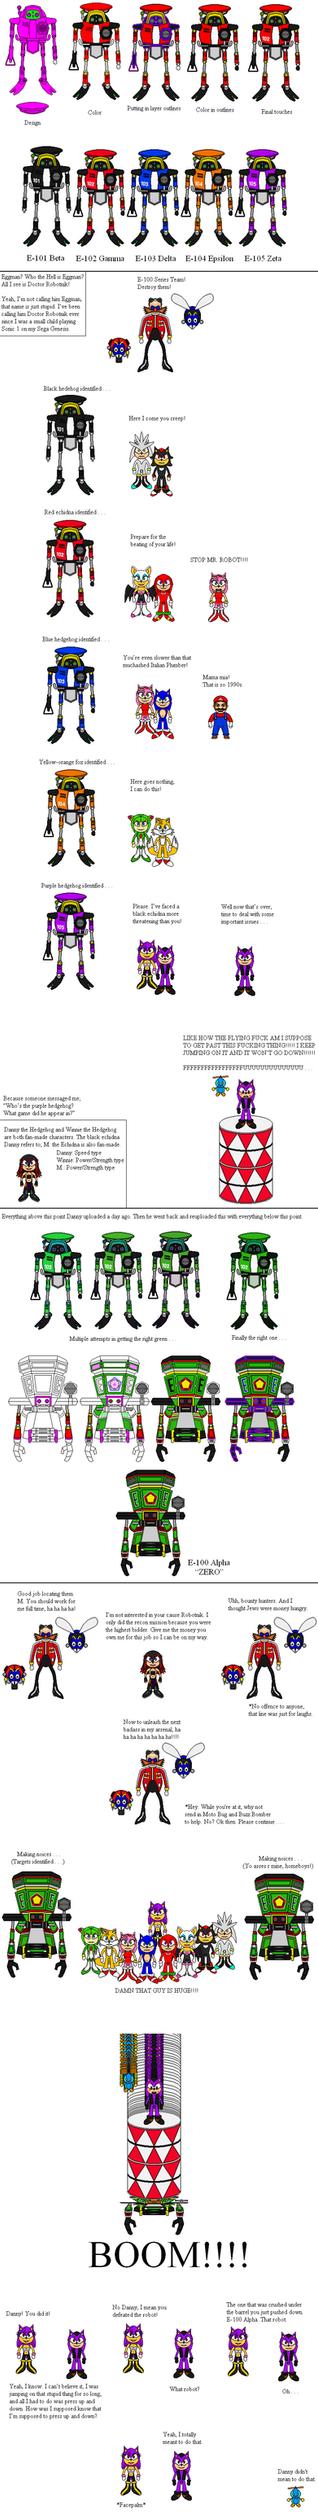 Doctor Robotnik's E-100 Series by Winter-Phantom on DeviantArt